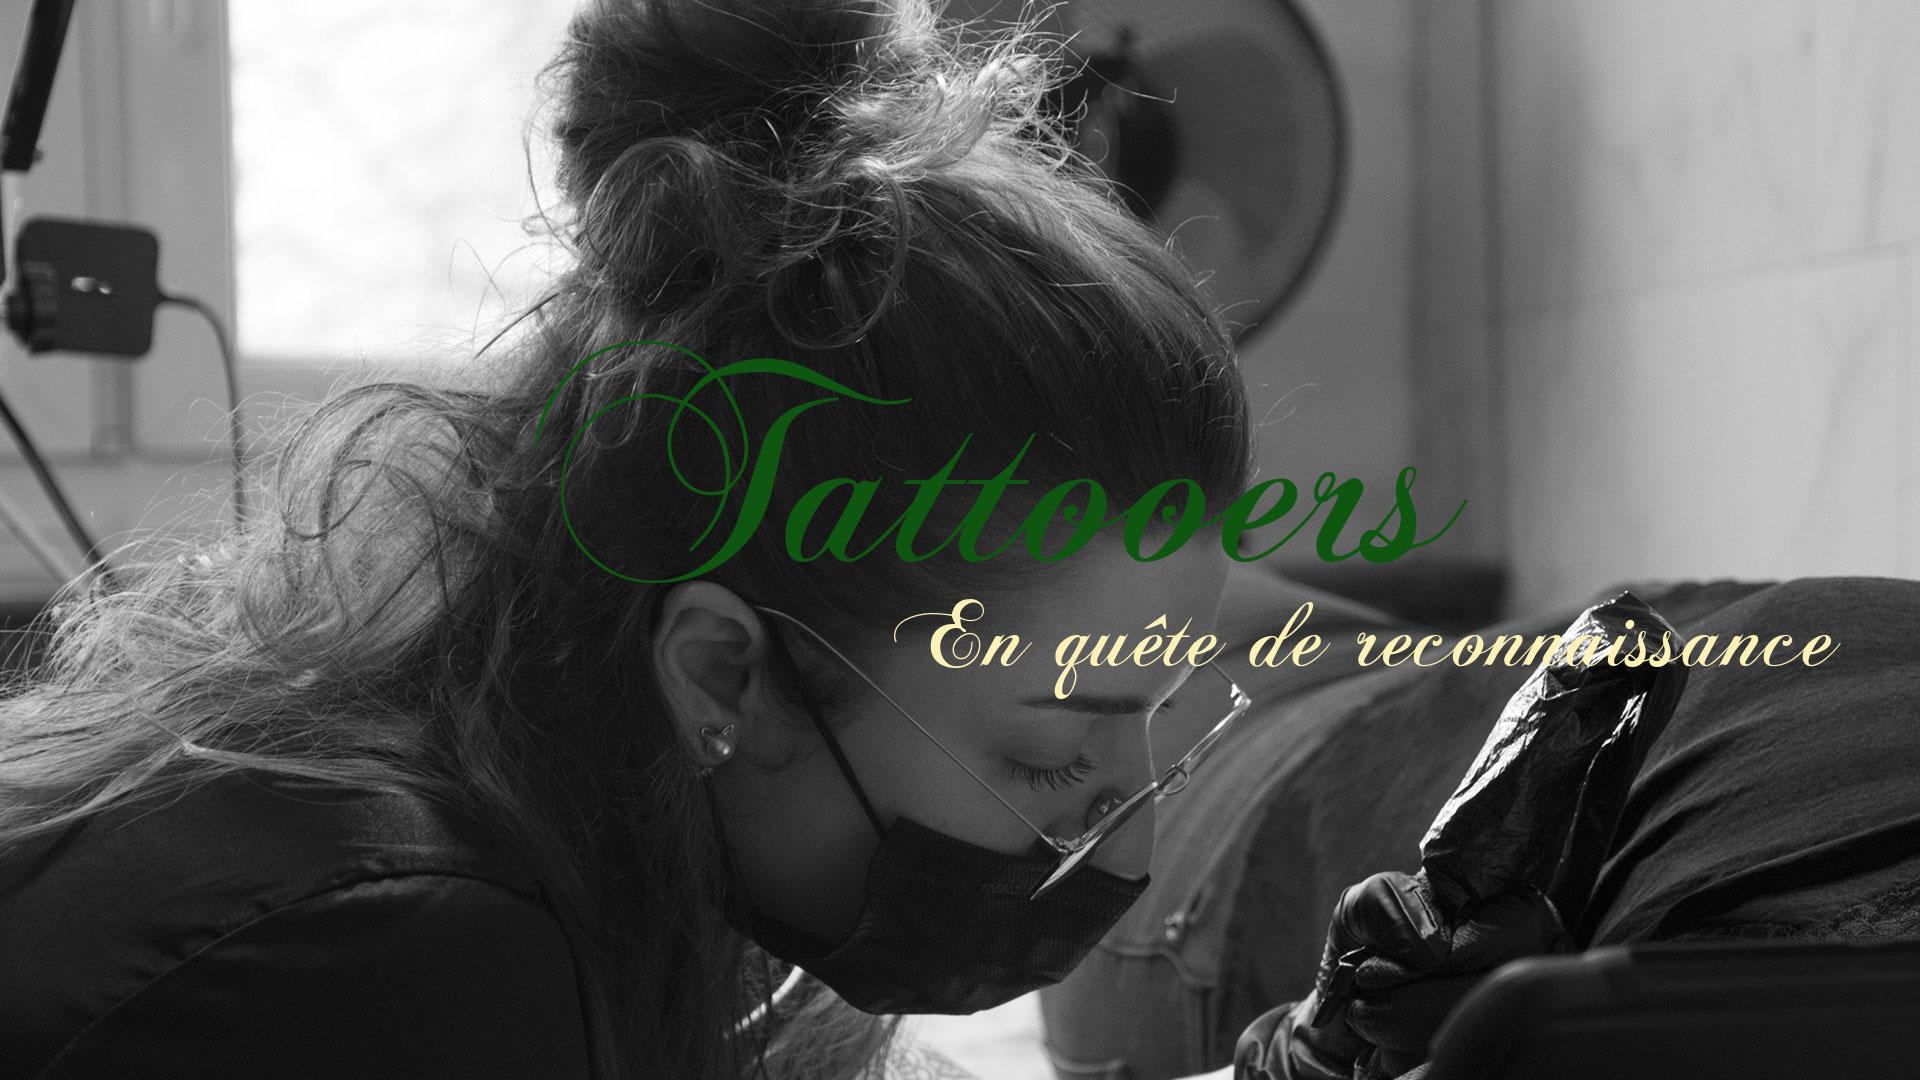 Adrien Bachy pose dans Tattooers: en quête de reconnaissance la délicate question du statut des tatoueurs: artistes ou artisans?